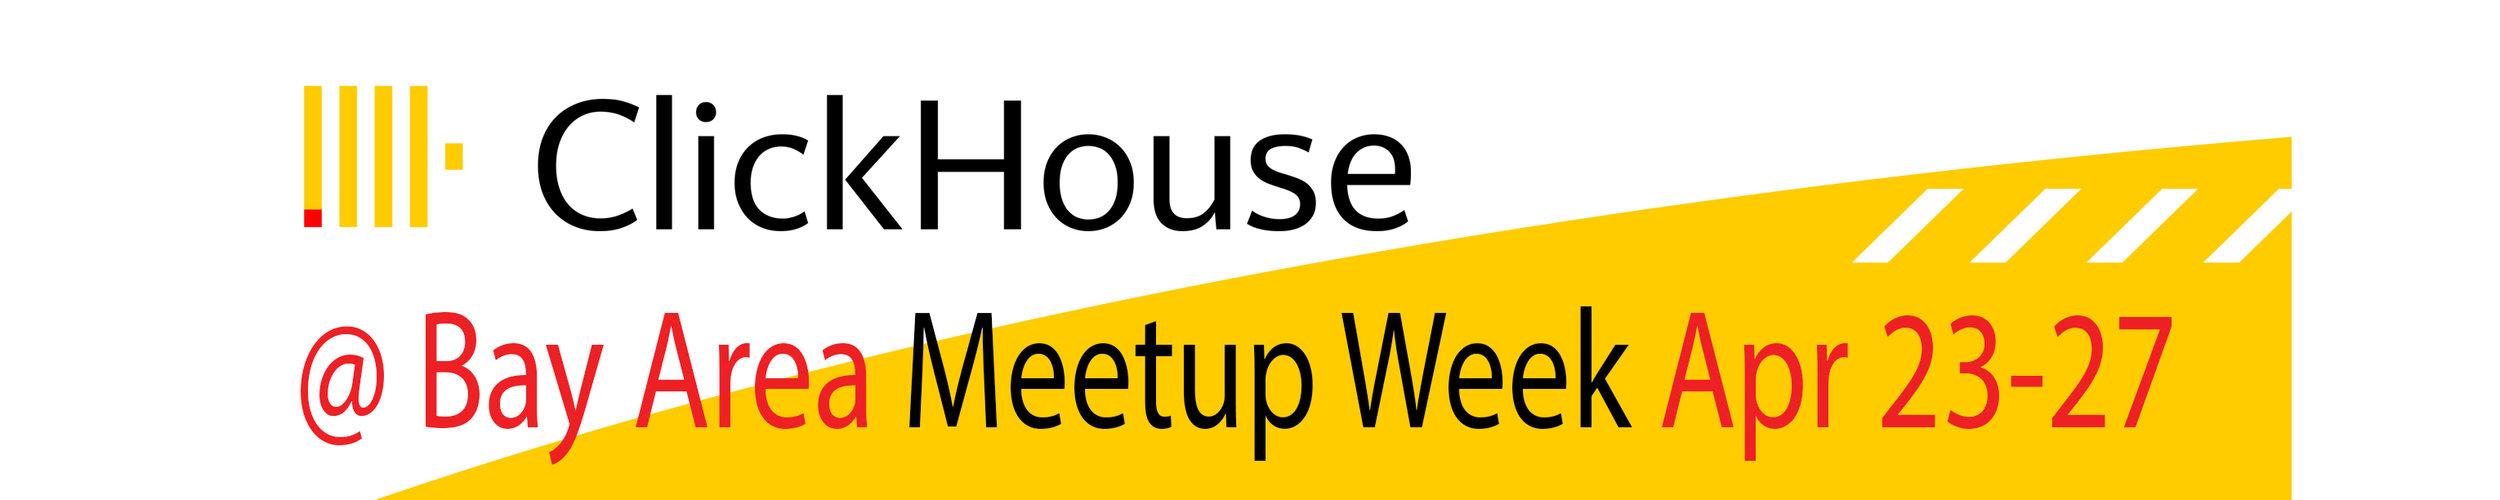 Meetup_CH and PnP_Header3_long2.jpg